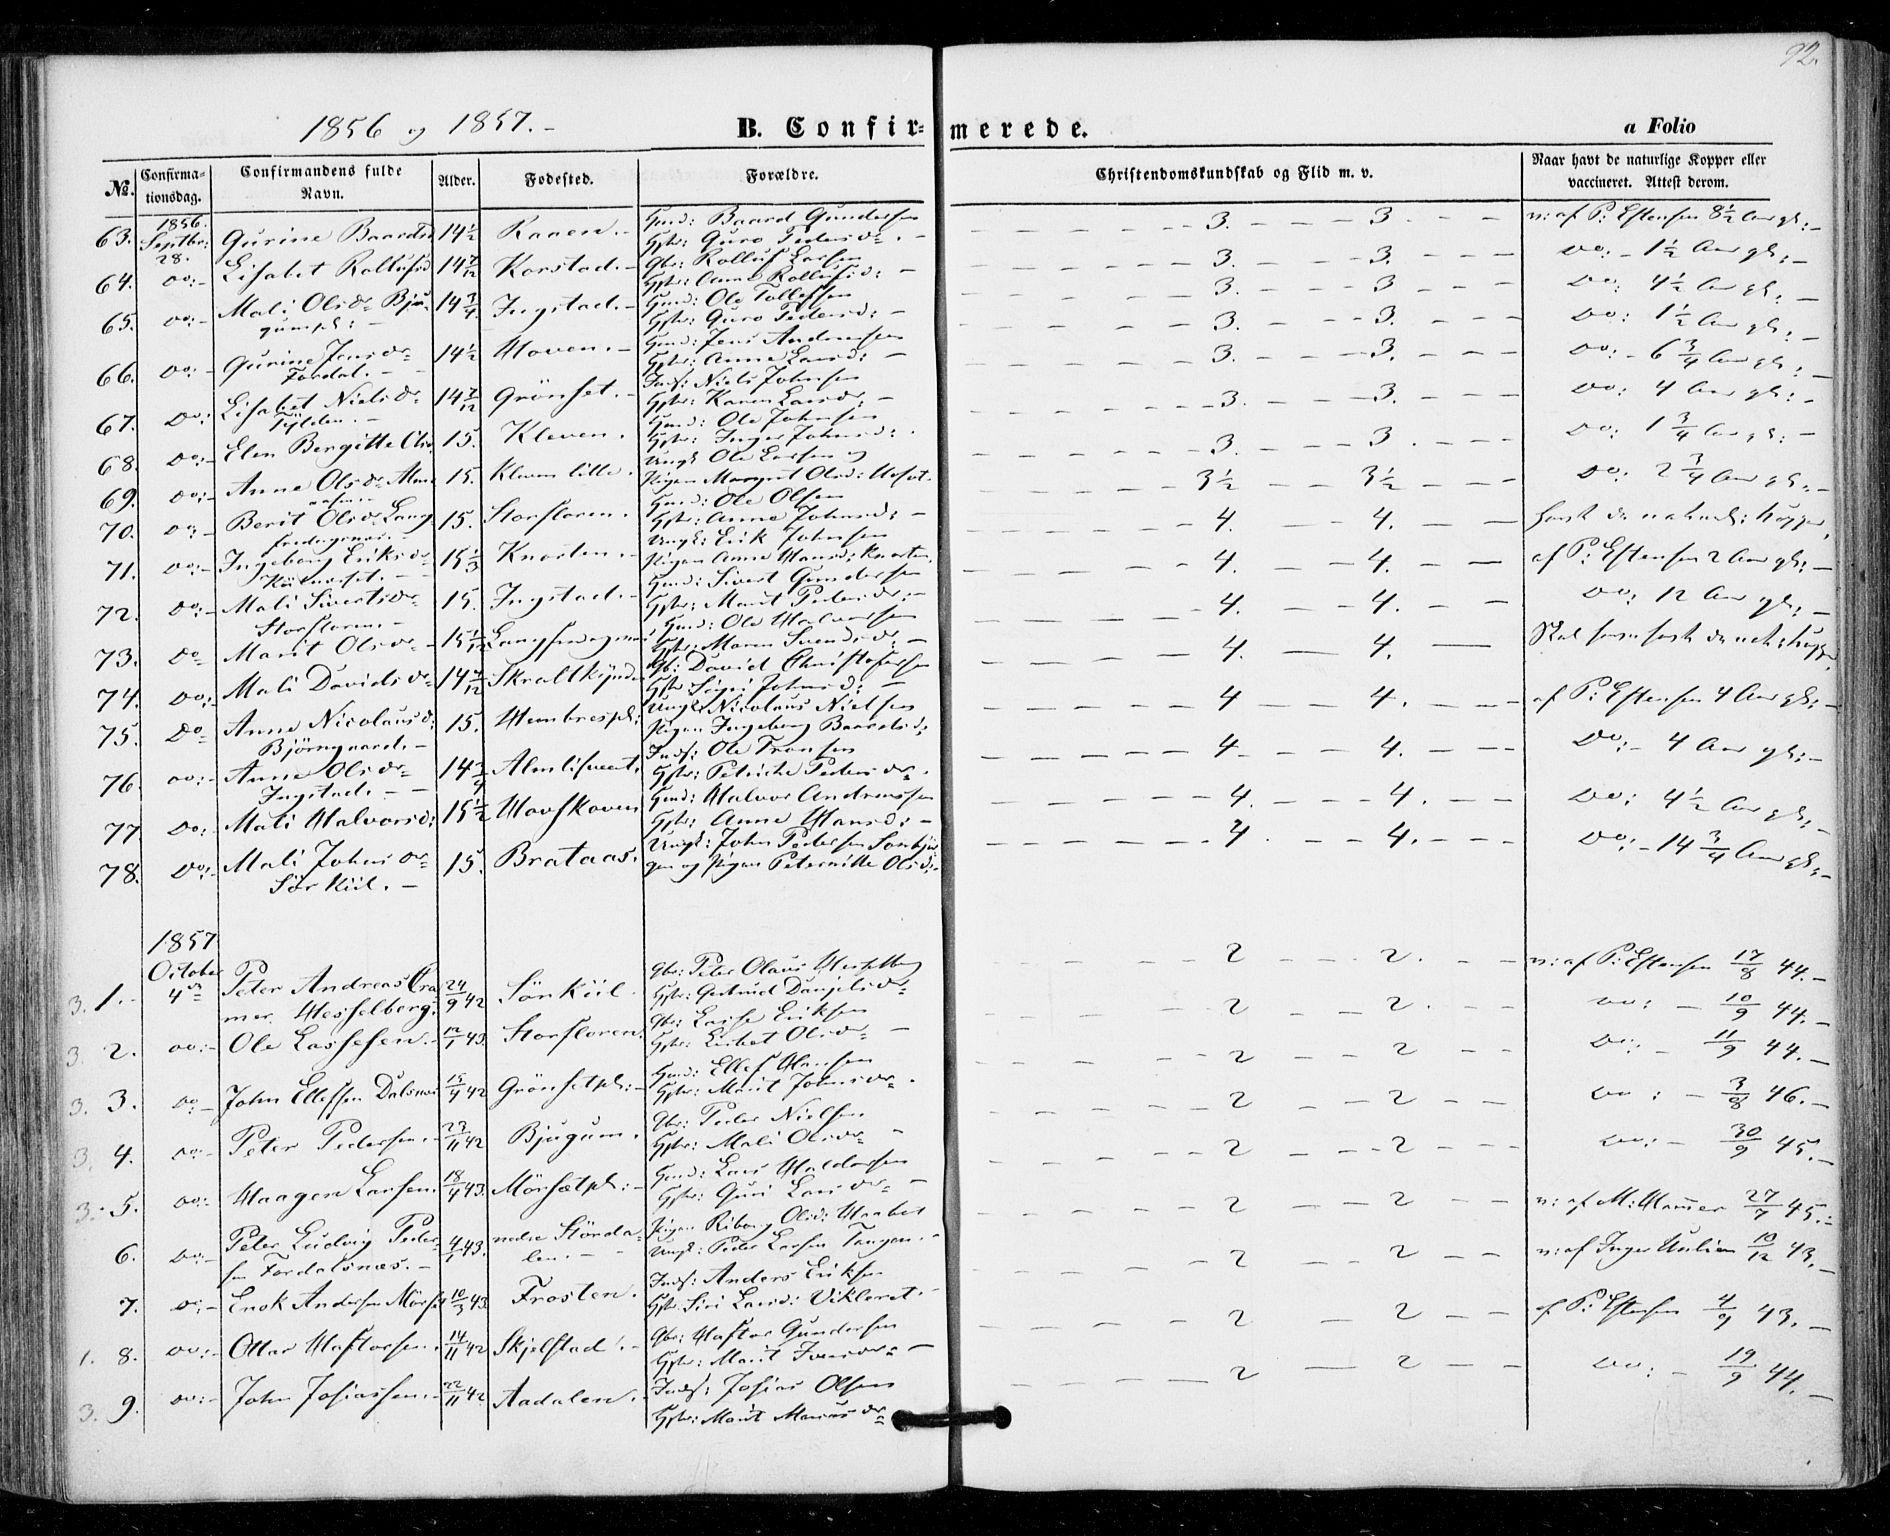 SAT, Ministerialprotokoller, klokkerbøker og fødselsregistre - Nord-Trøndelag, 703/L0028: Ministerialbok nr. 703A01, 1850-1862, s. 92